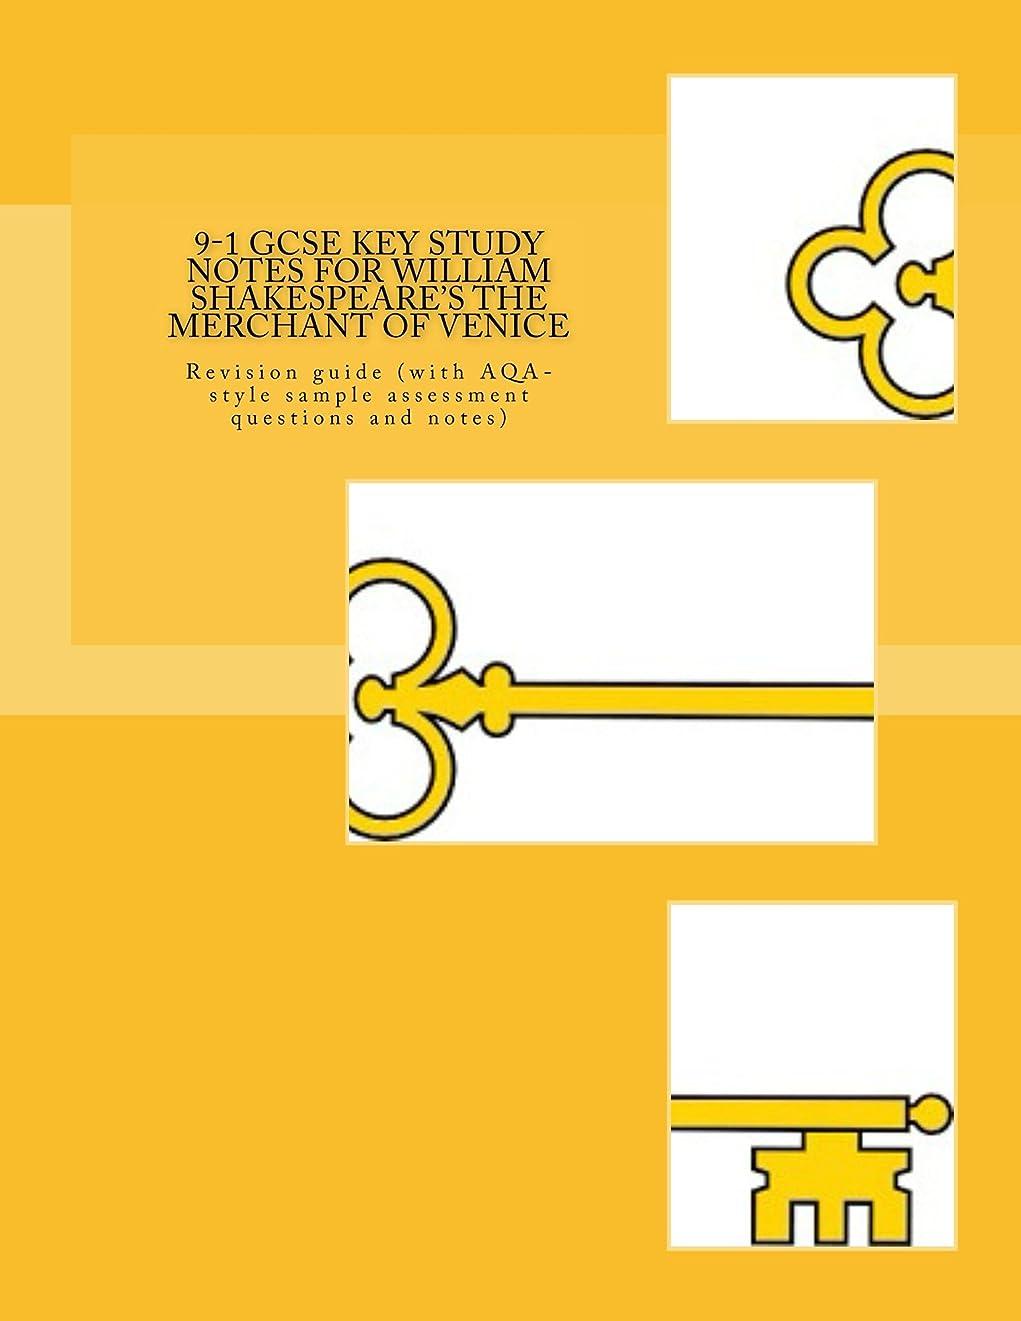 草アクセル投資する9-1 GCSE KEY STUDY NOTES for WILLIAM SHAKESPEARE'S THE MERCHANT OF VENICE (English Edition)